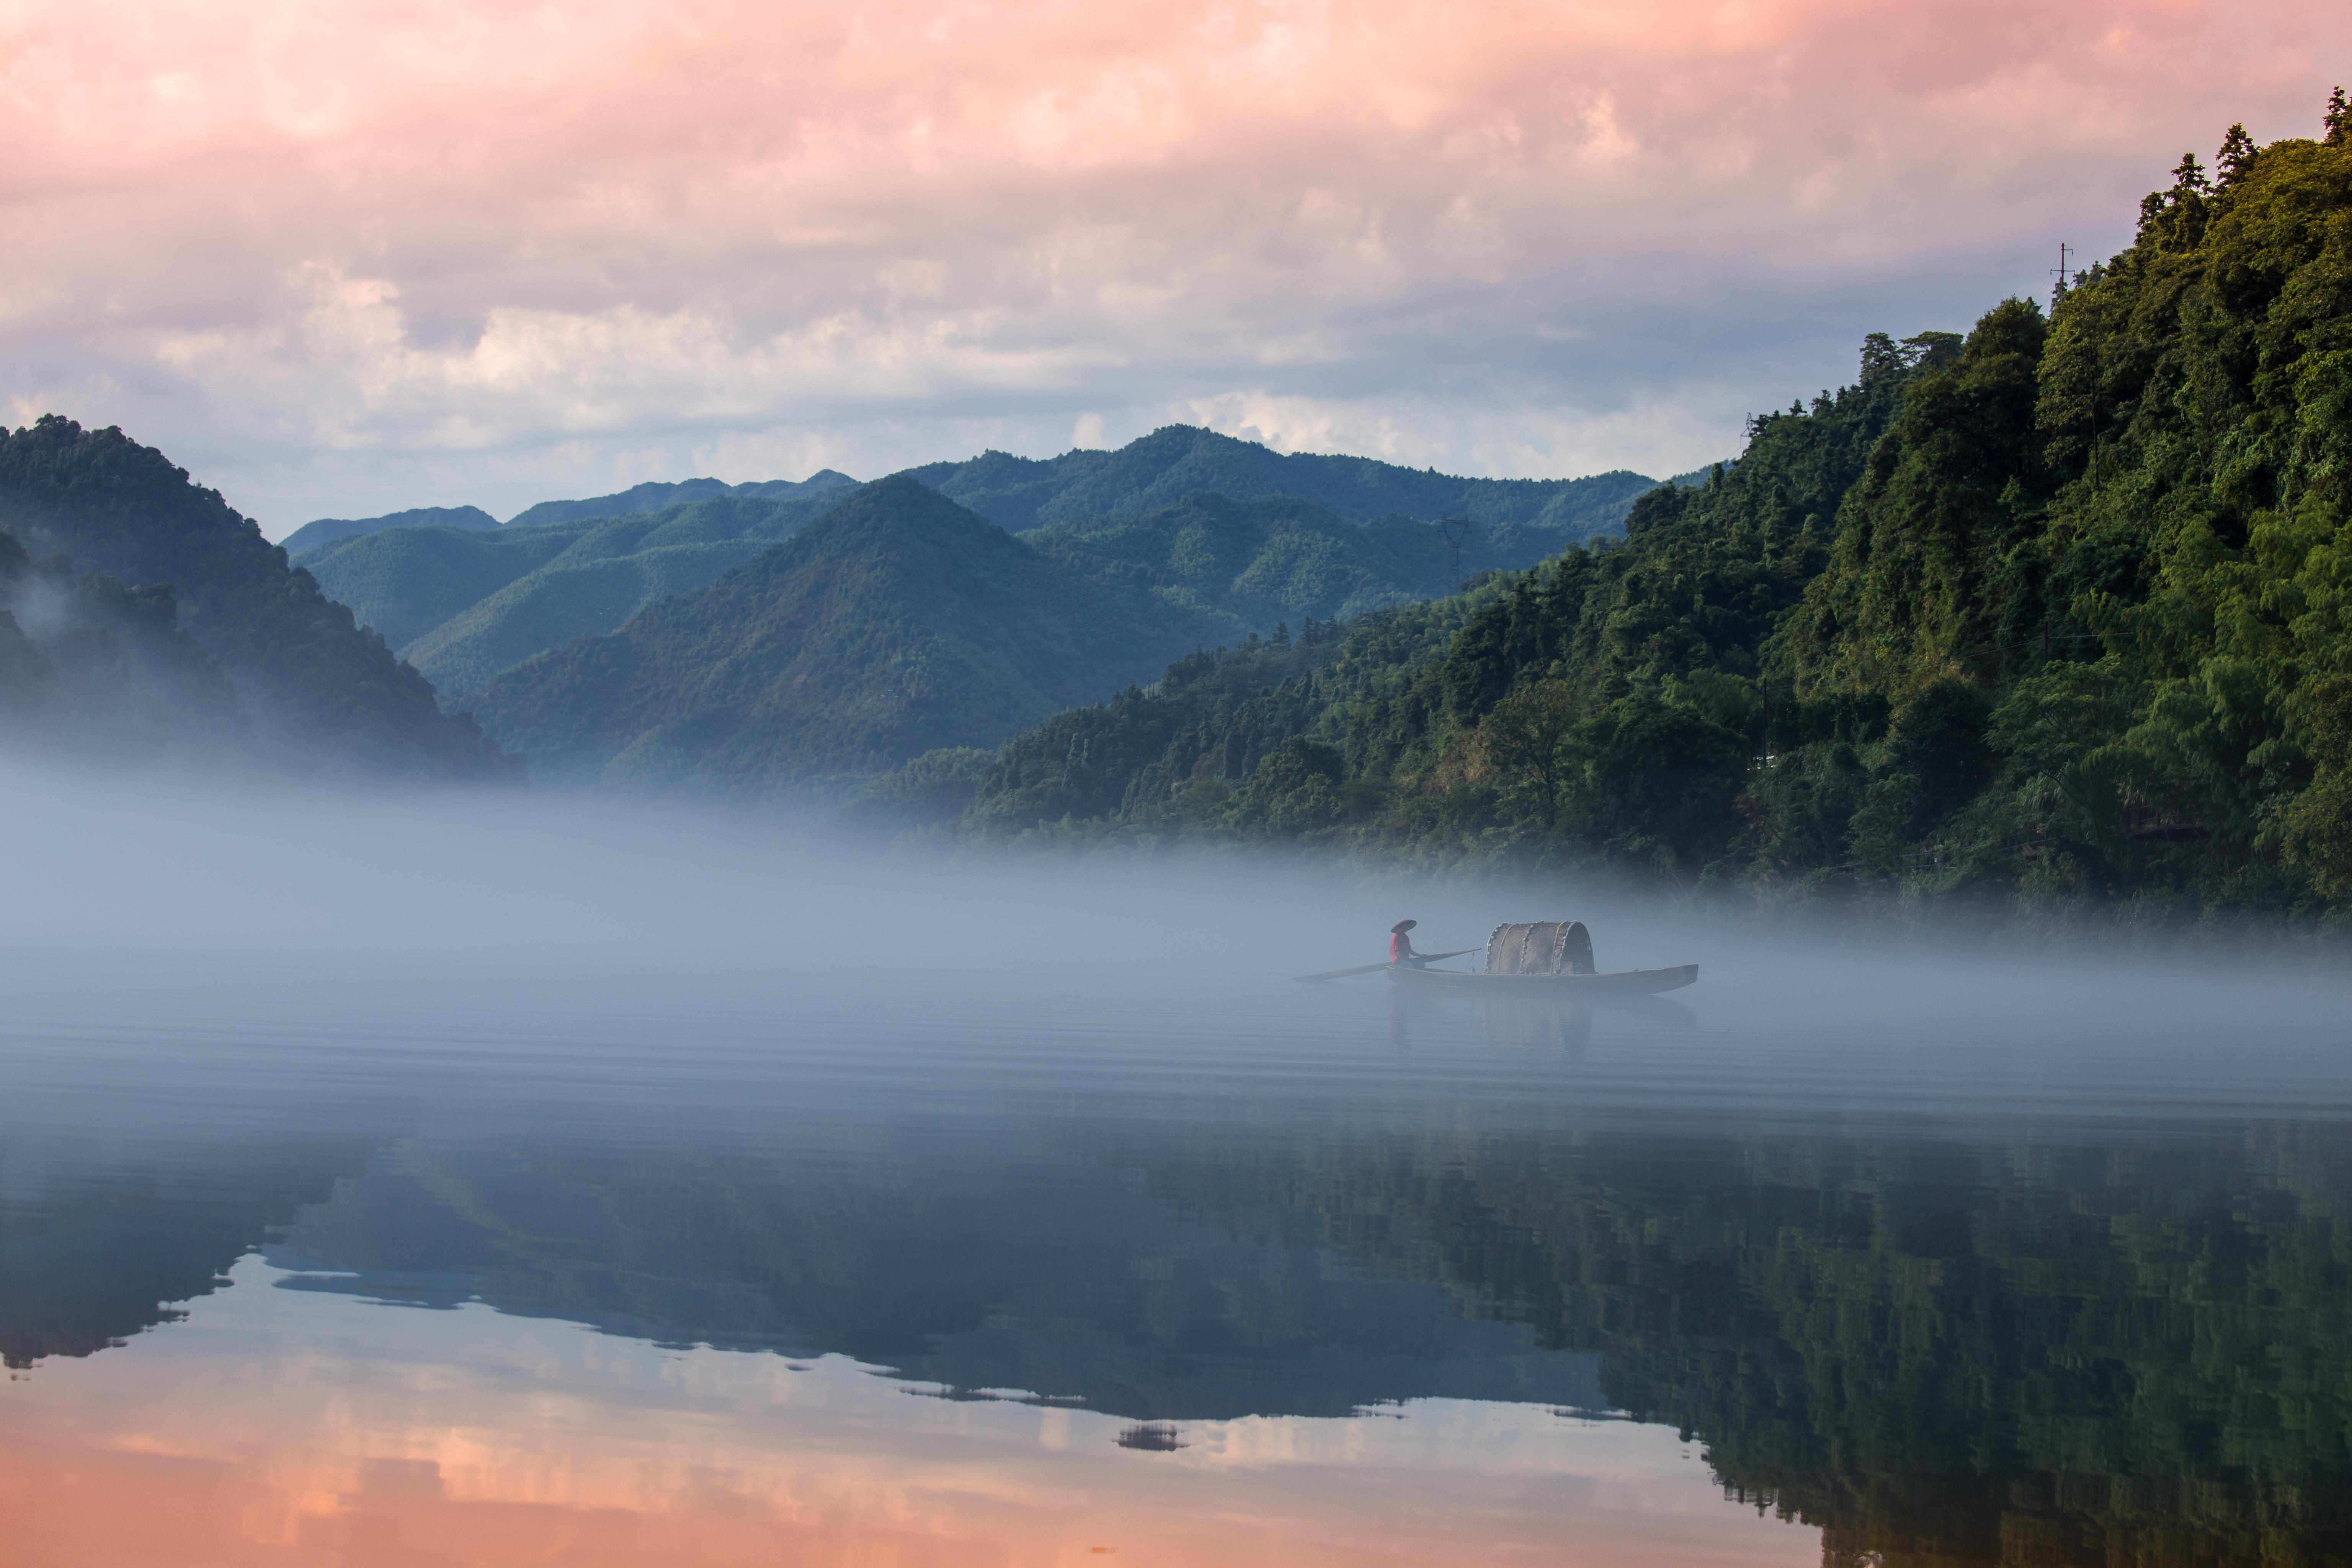 中国旅行证可以从第三国家过泰国吗